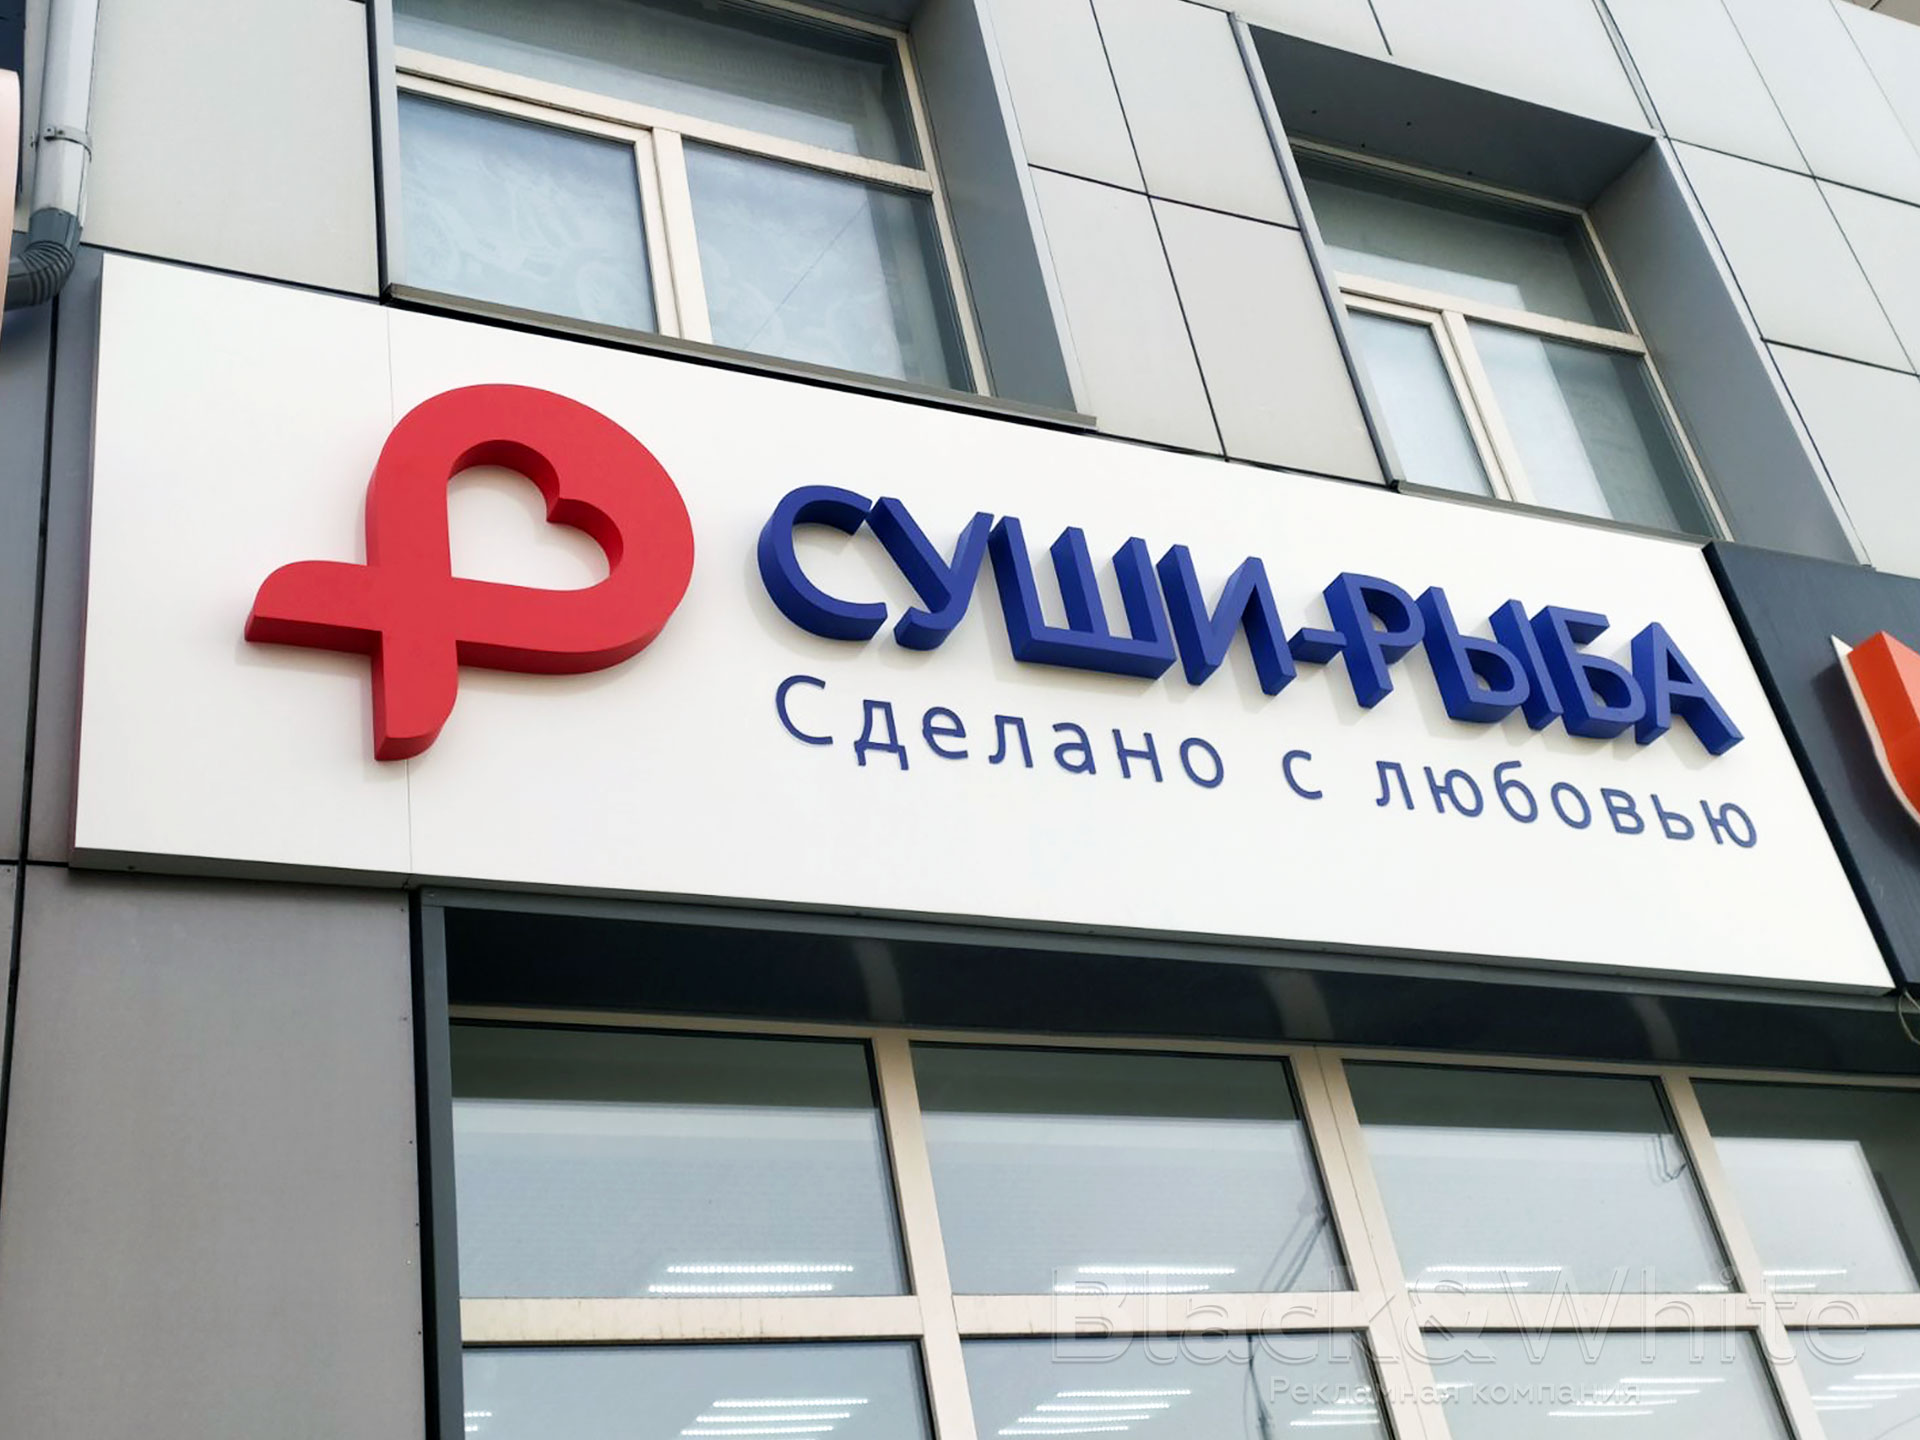 Вывеска-для-доставки-сущи-изготовление-на-заказ-в-Красноярске.jpg